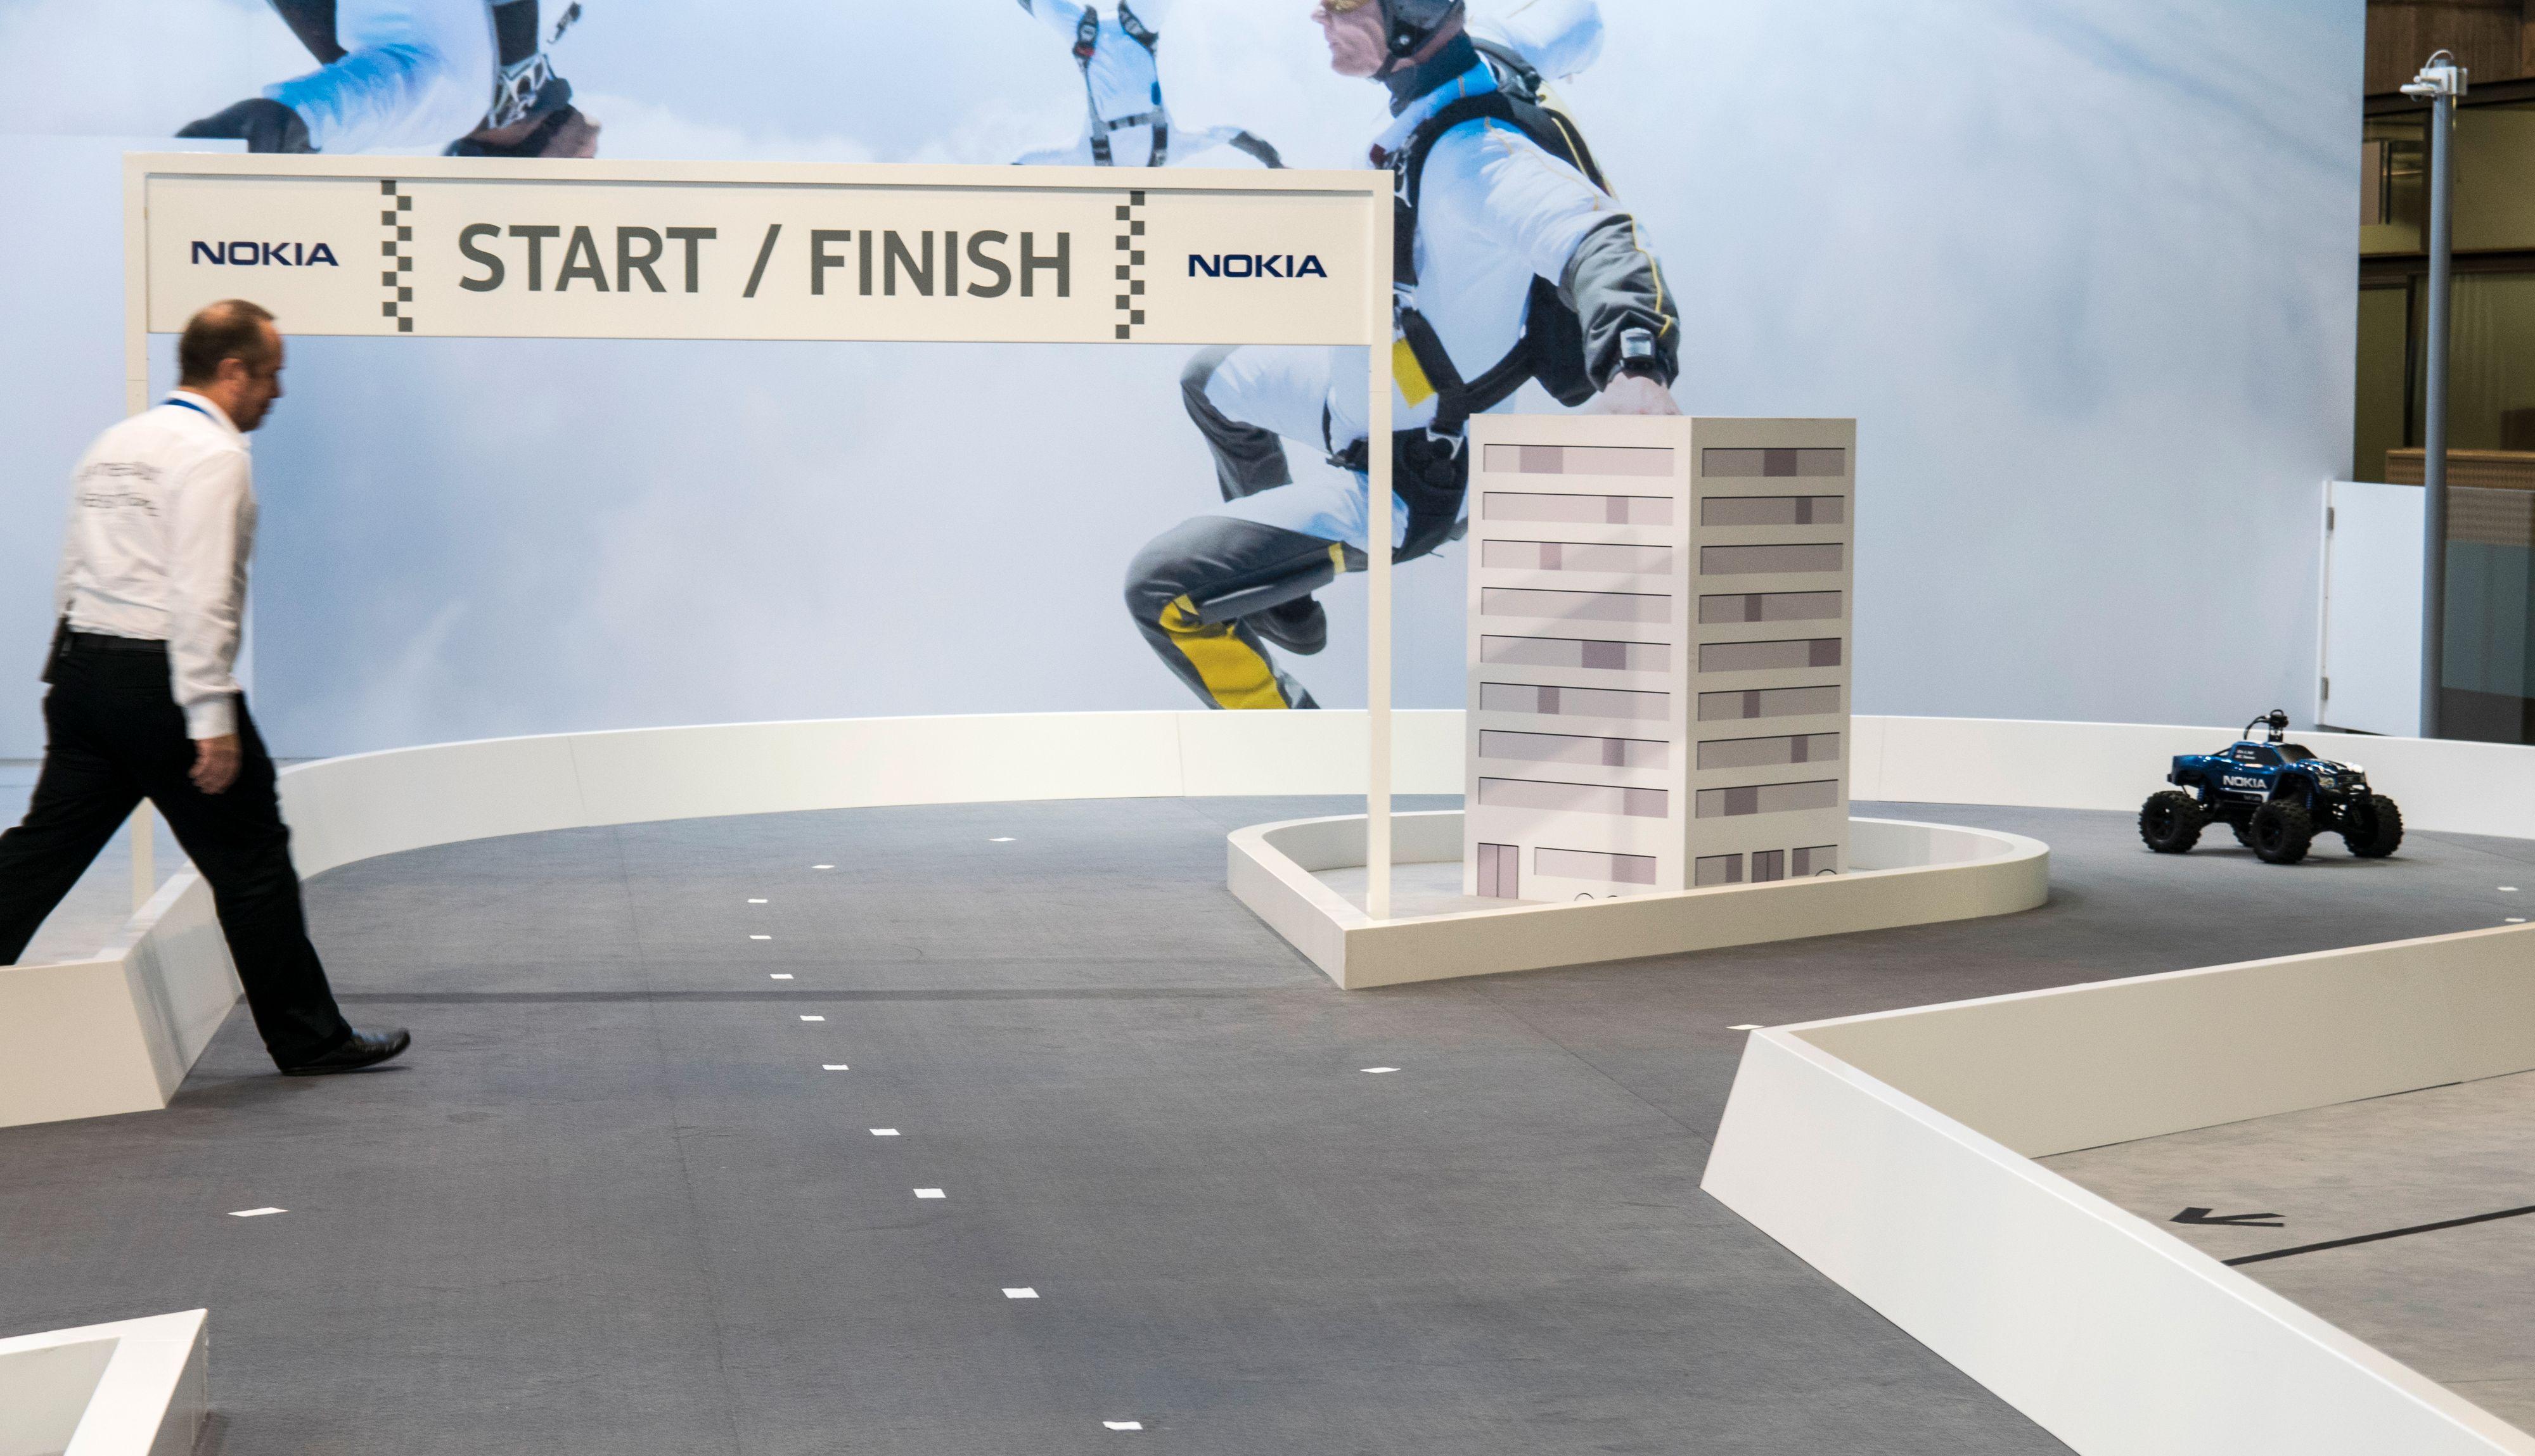 Hver gang vi krasjet ble vi reddet av en Nokia-medarbeider som løftet bilen på plass. Det skjedde én gang med 5G aktivert før vi ble vant med kontrollene, men konstant da 4G var aktivert.